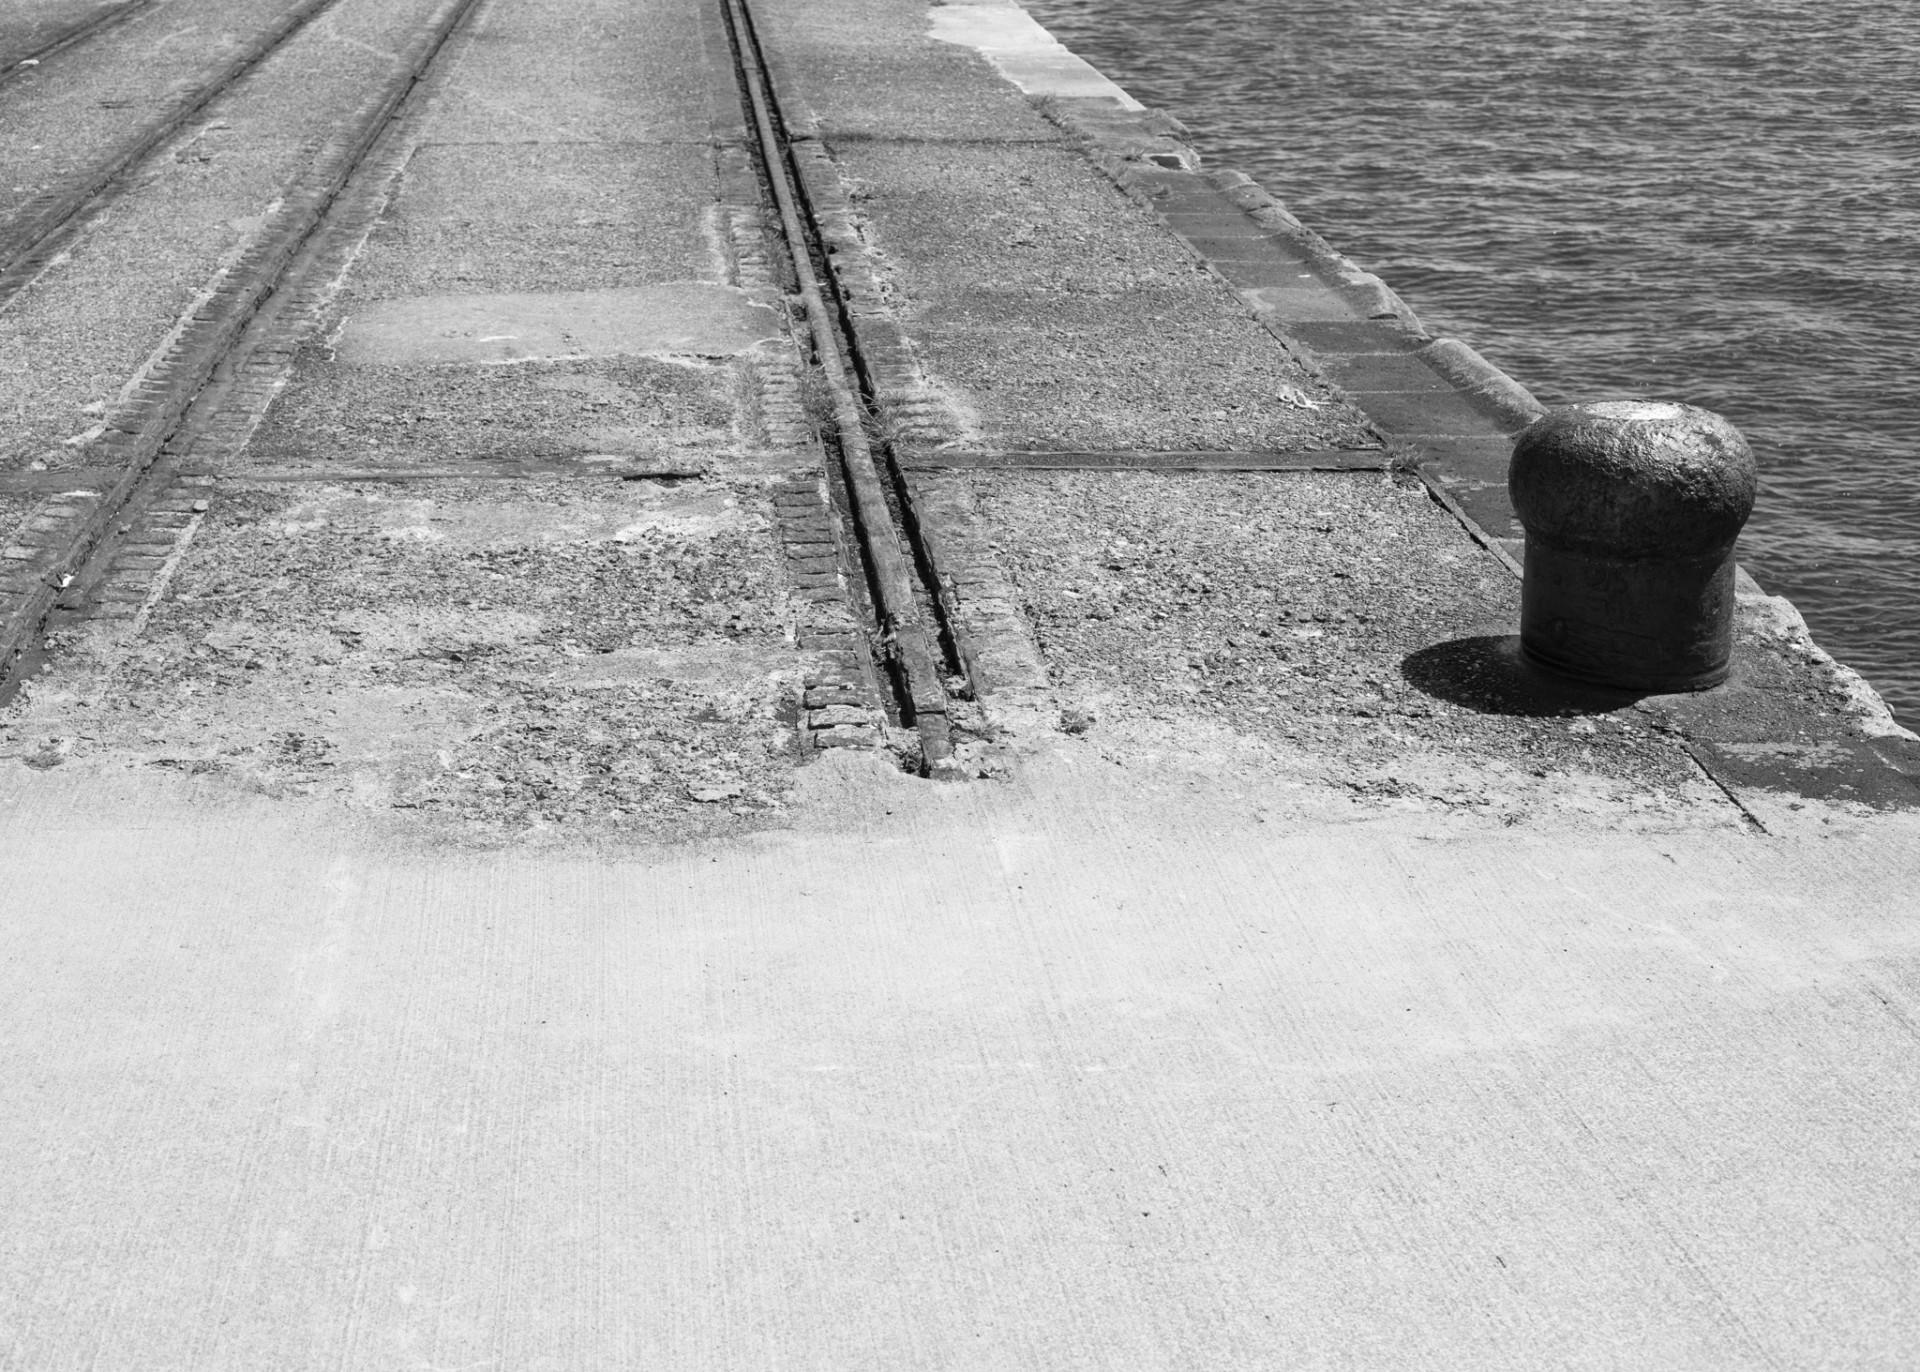 ERIK IRMER FOTOGRAFIE Das kleine Land